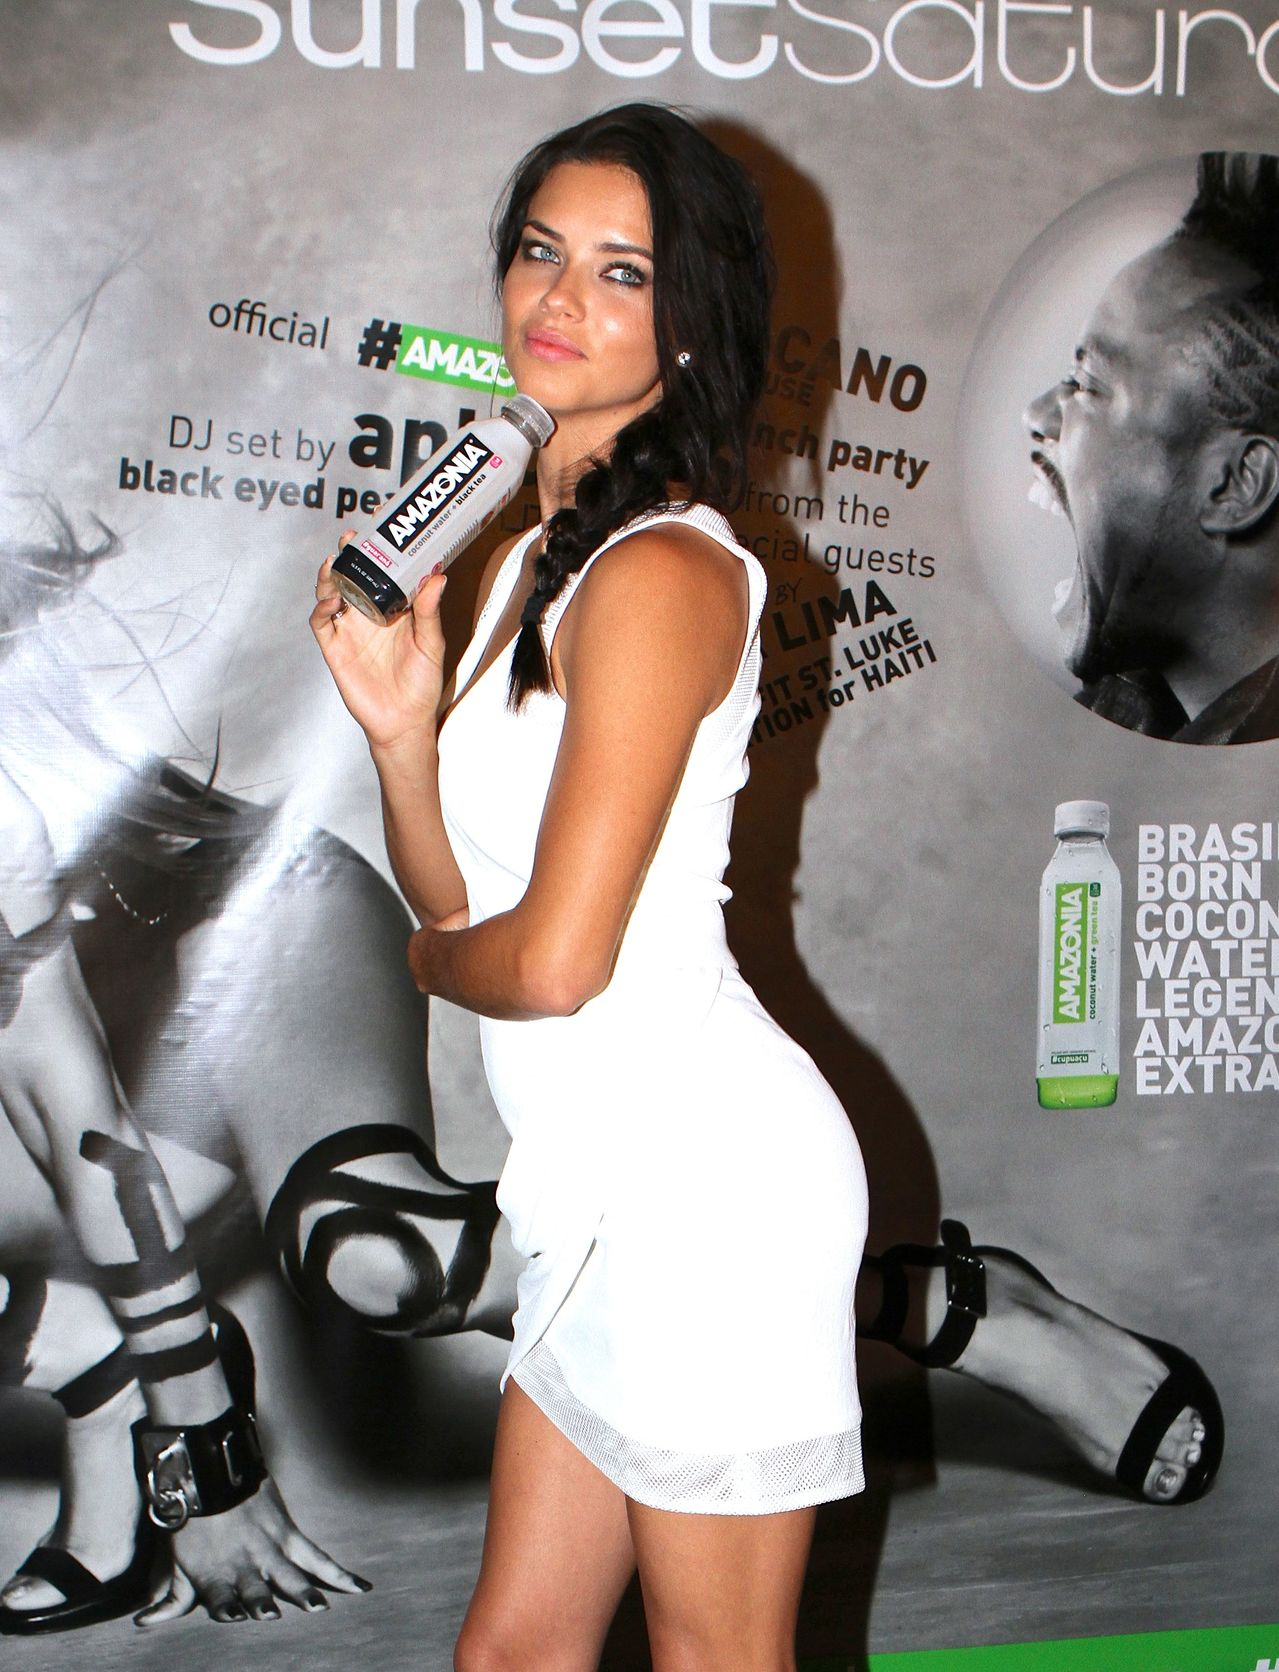 ��� ����� ������� ���������� ������� ���� 2015 , ���� ��� ������� ���� 2015 Adriana Lima